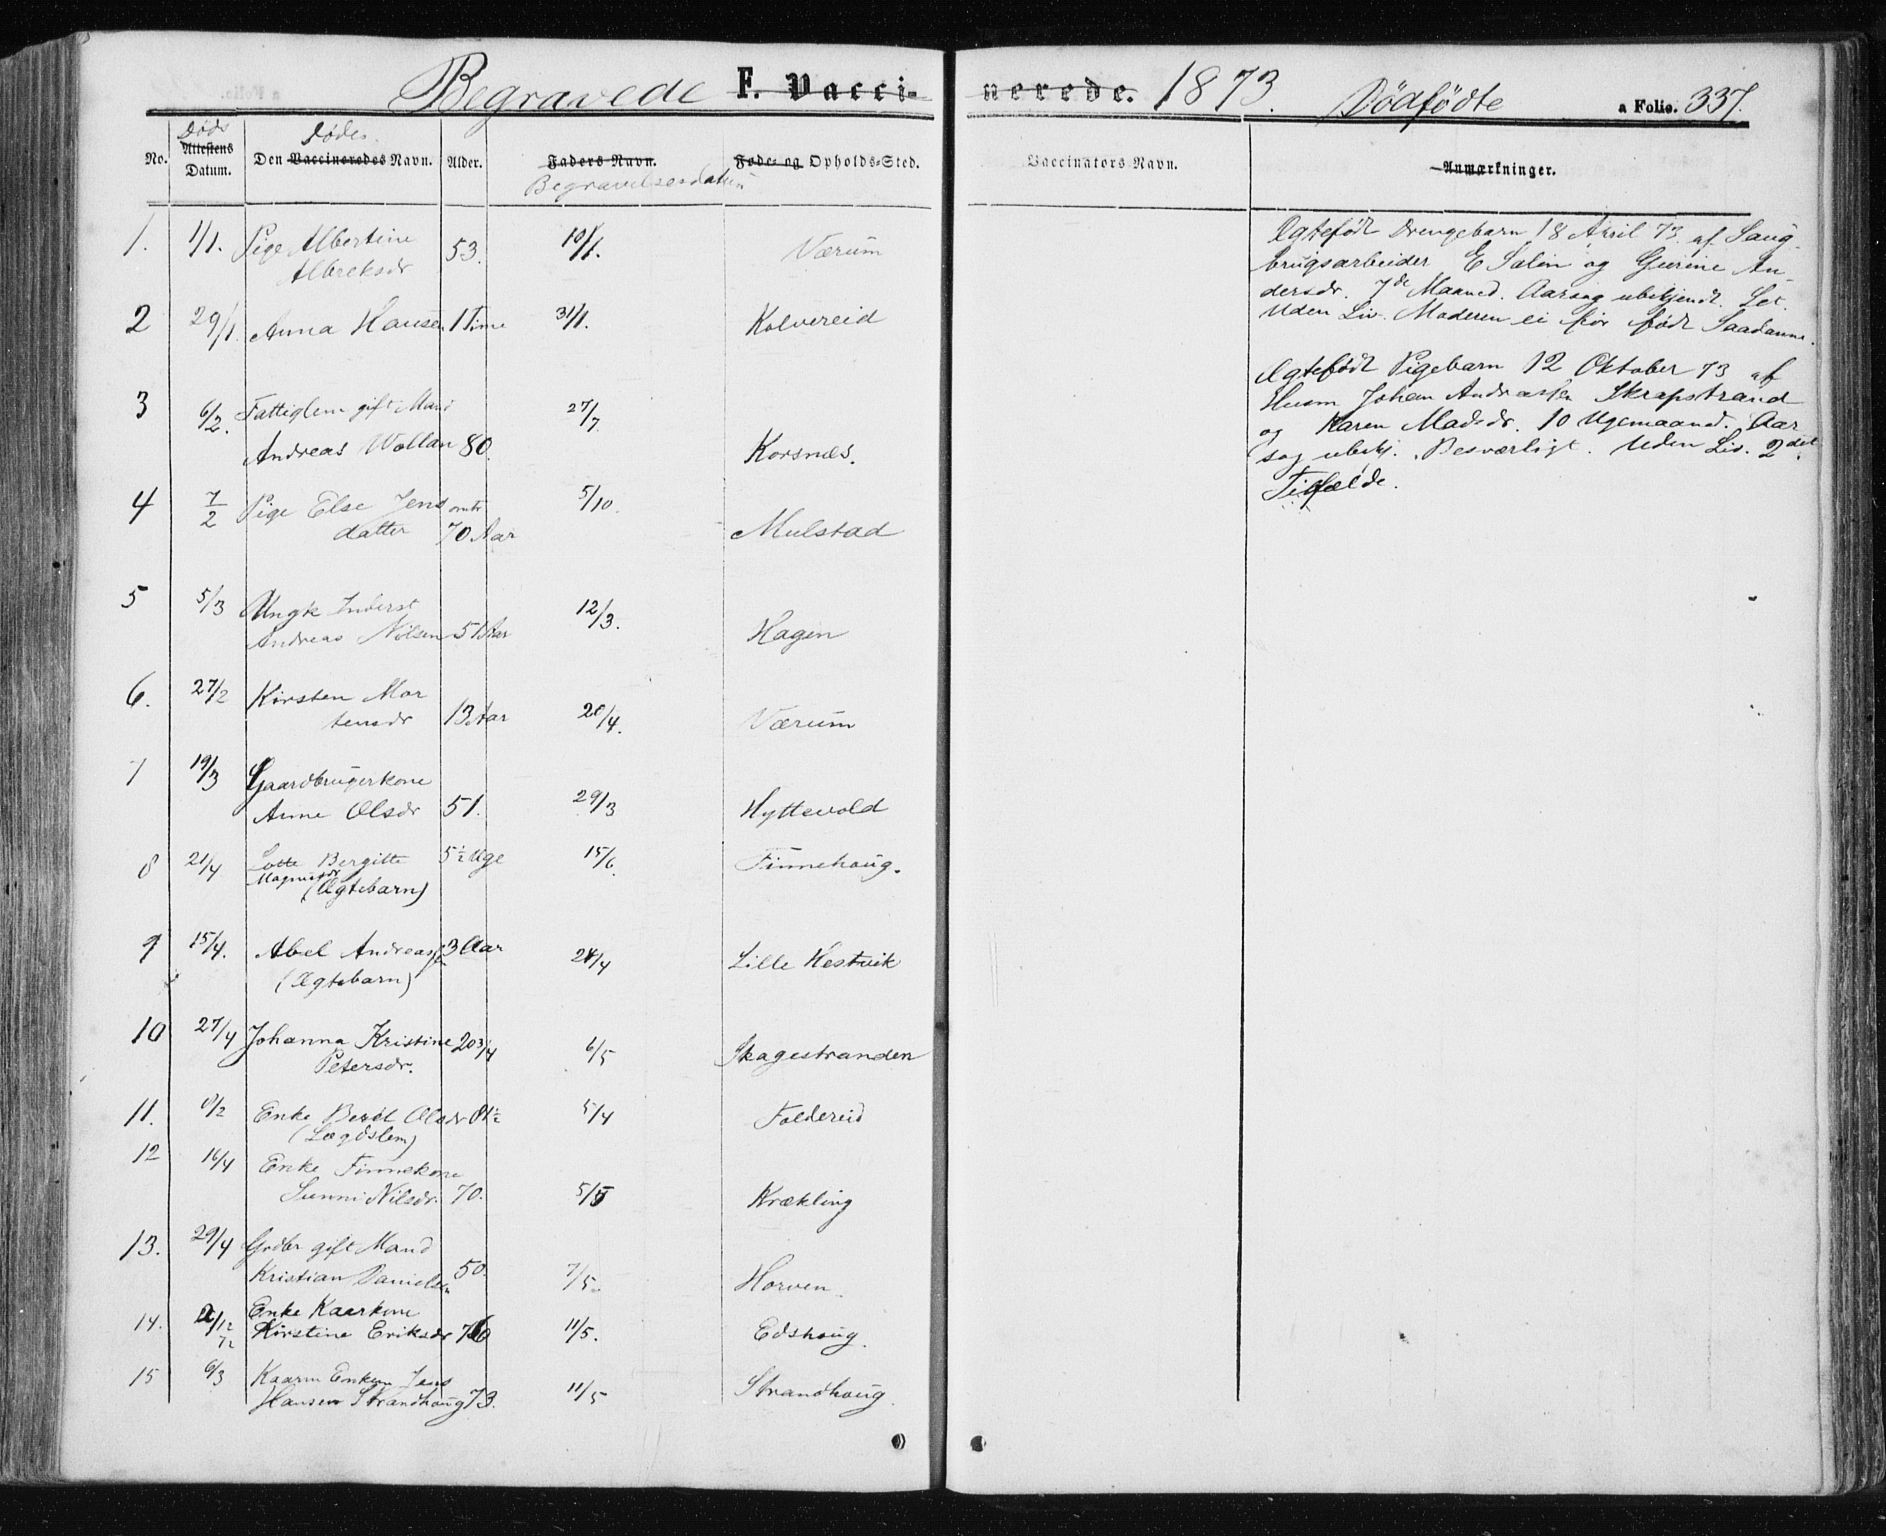 SAT, Ministerialprotokoller, klokkerbøker og fødselsregistre - Nord-Trøndelag, 780/L0641: Ministerialbok nr. 780A06, 1857-1874, s. 337